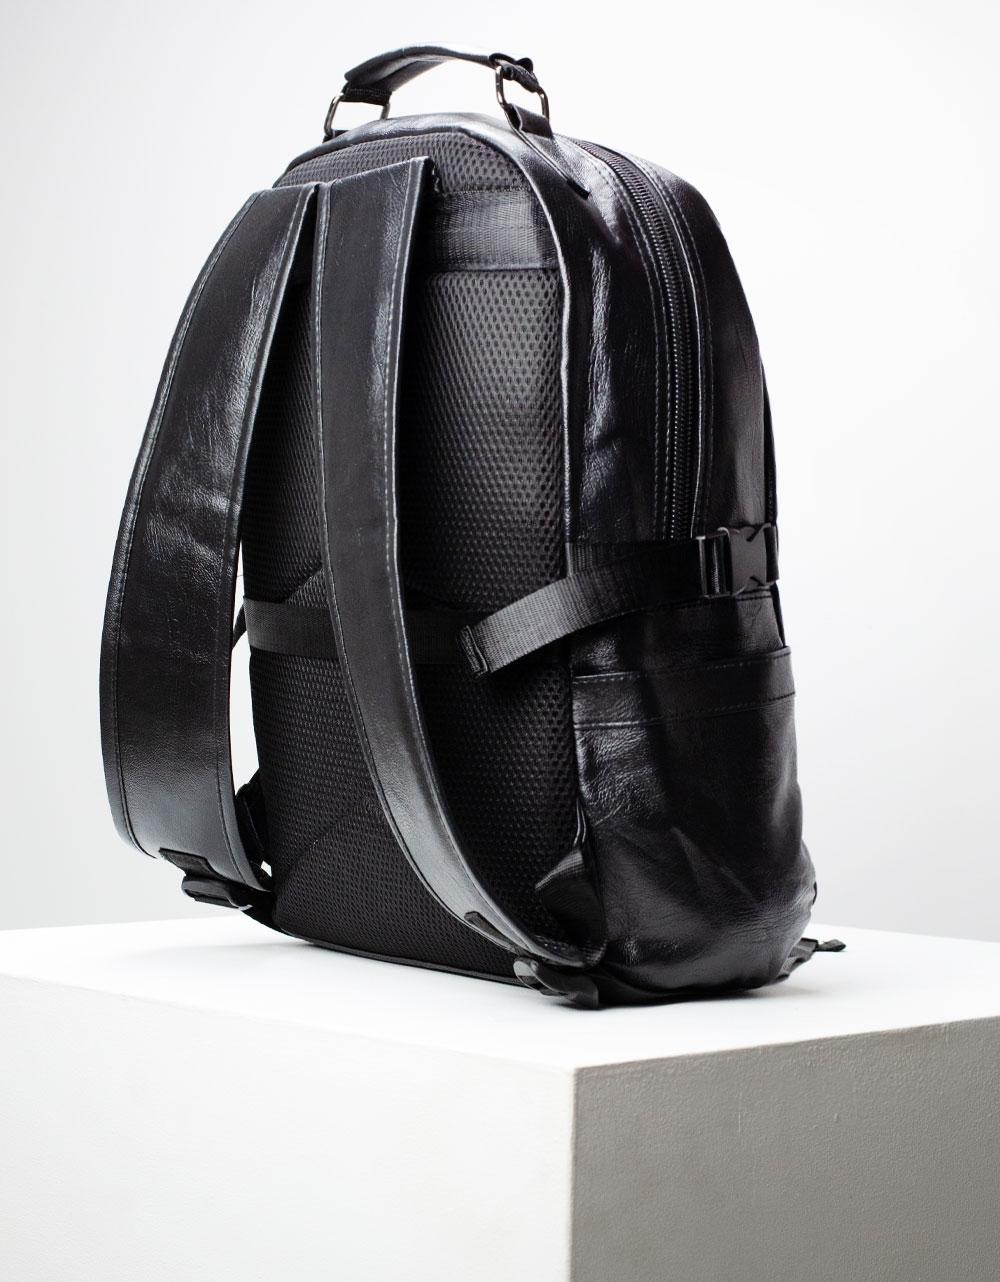 Εικόνα από Ανδρικά σακίδια πλάτης με φερμουάρ Μαύρο